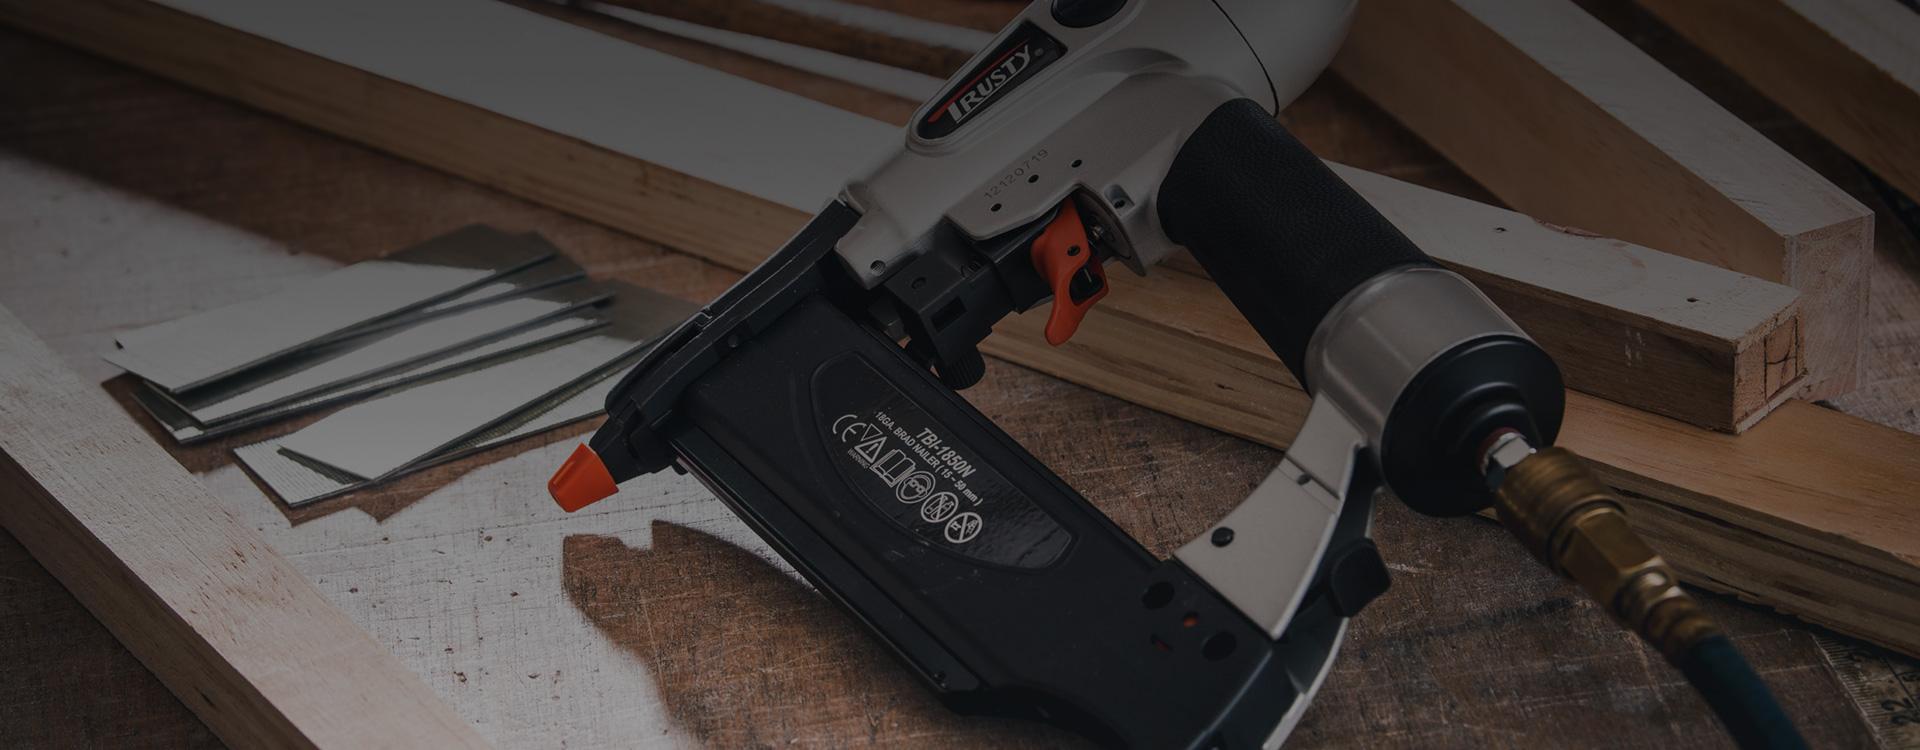 מגוון עצום של אקדחי סיכות ומסמרים מטובי היצרנים בעולם